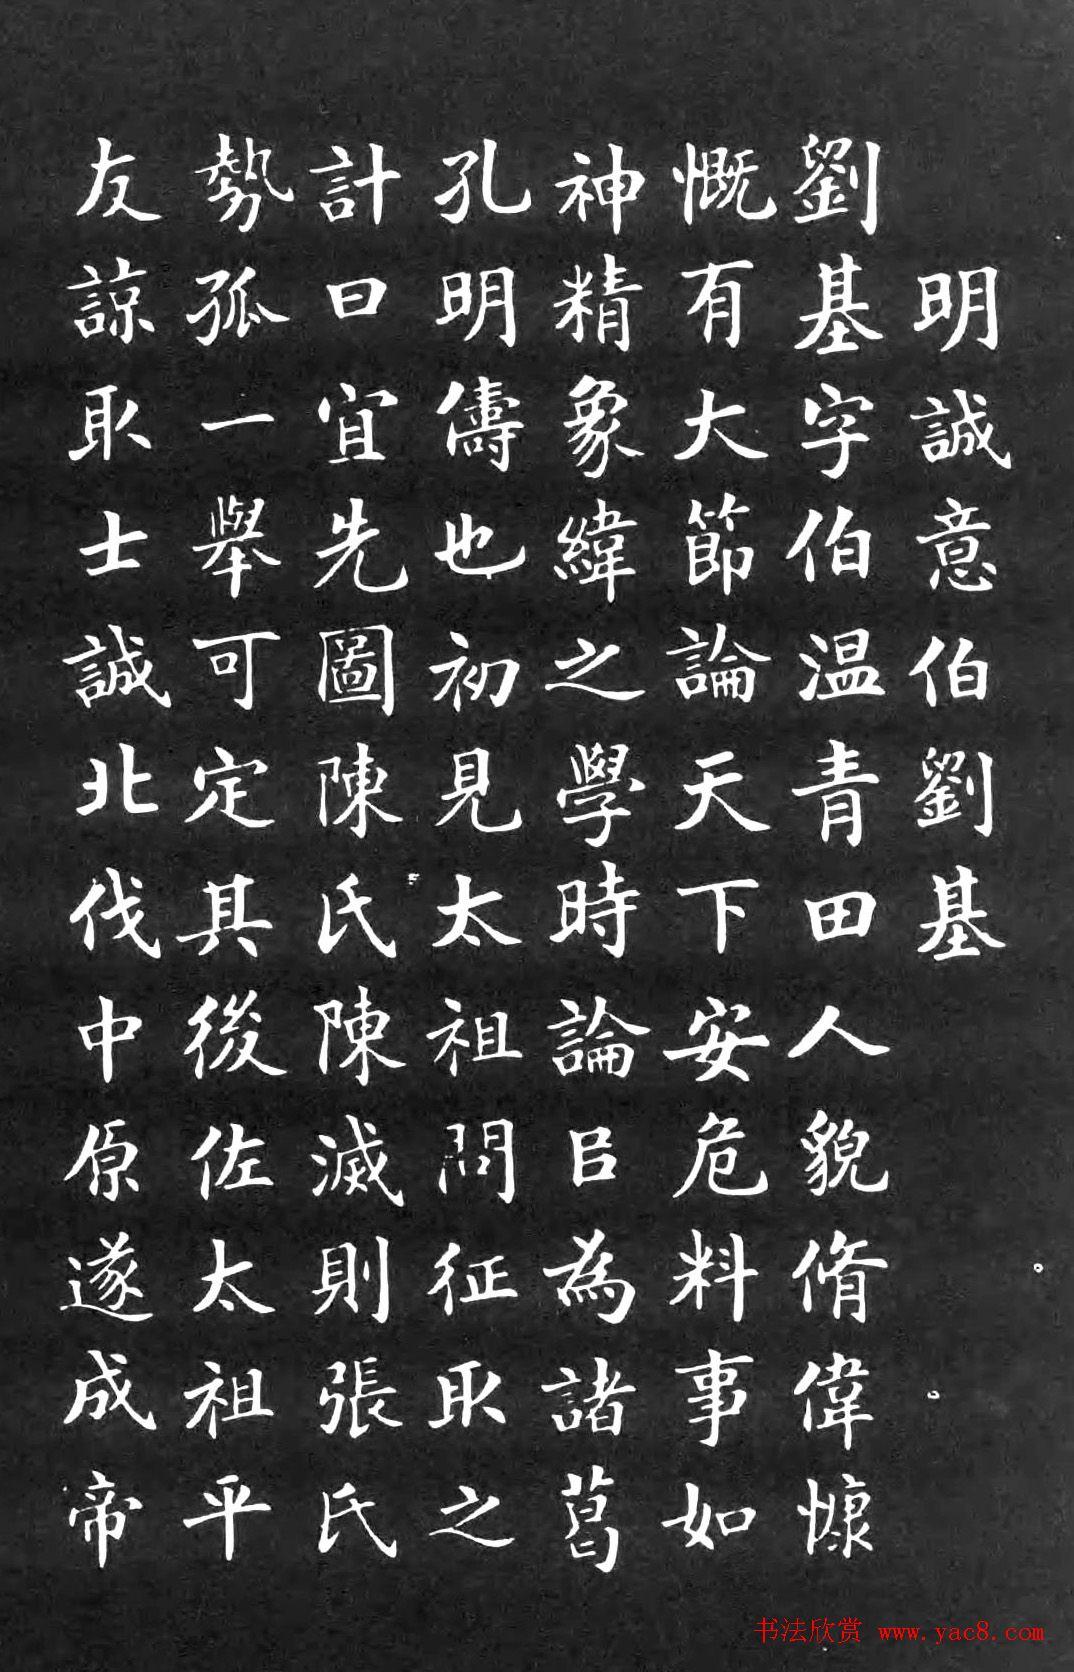 朱深楷书刻石《青田刘基传赞》